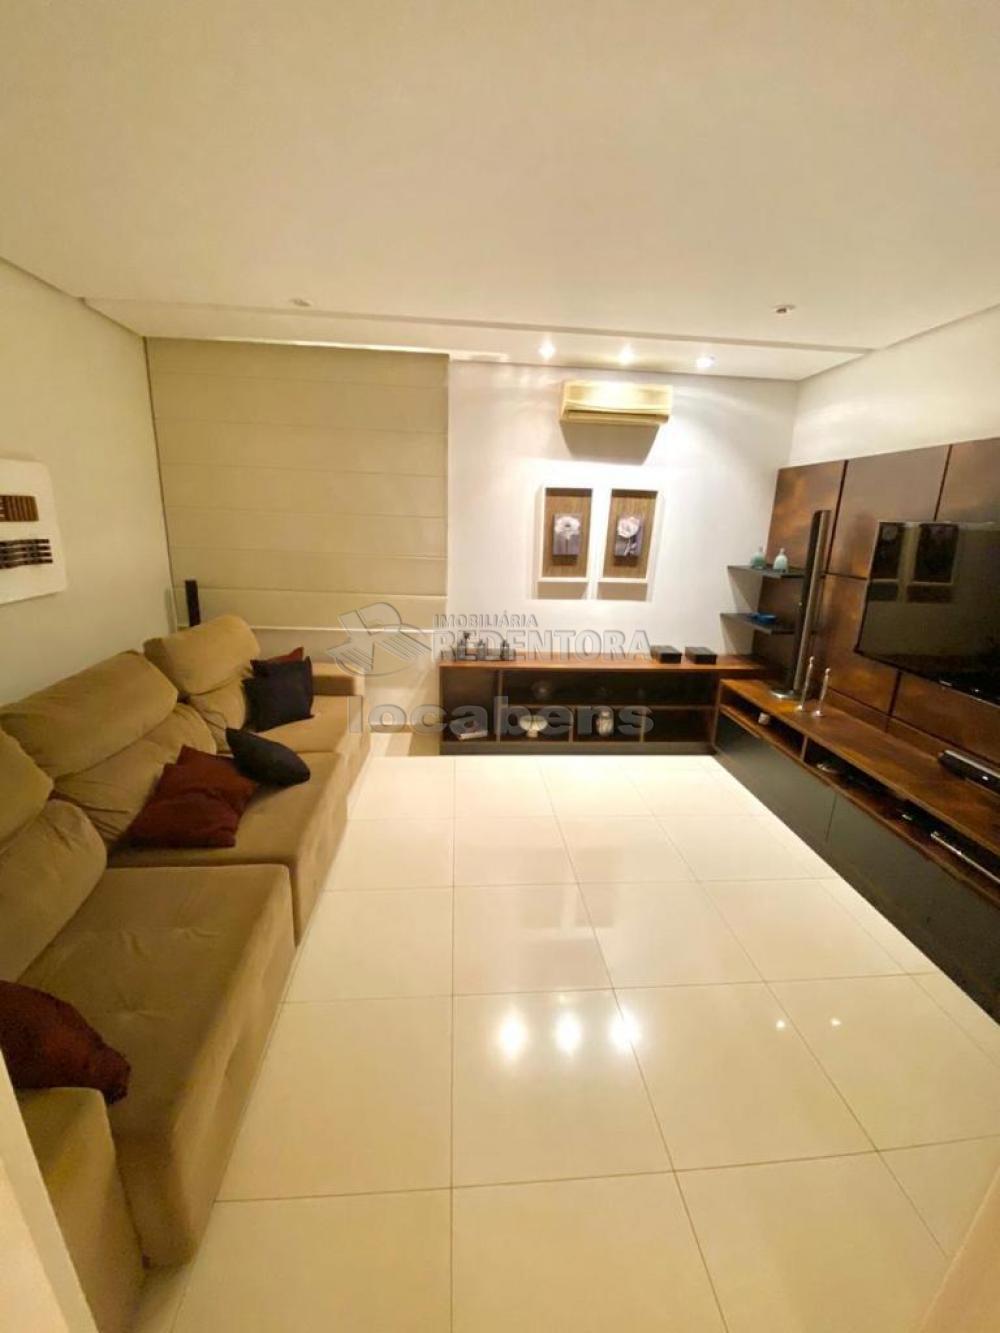 Comprar Casa / Condomínio em São José do Rio Preto R$ 1.750.000,00 - Foto 28